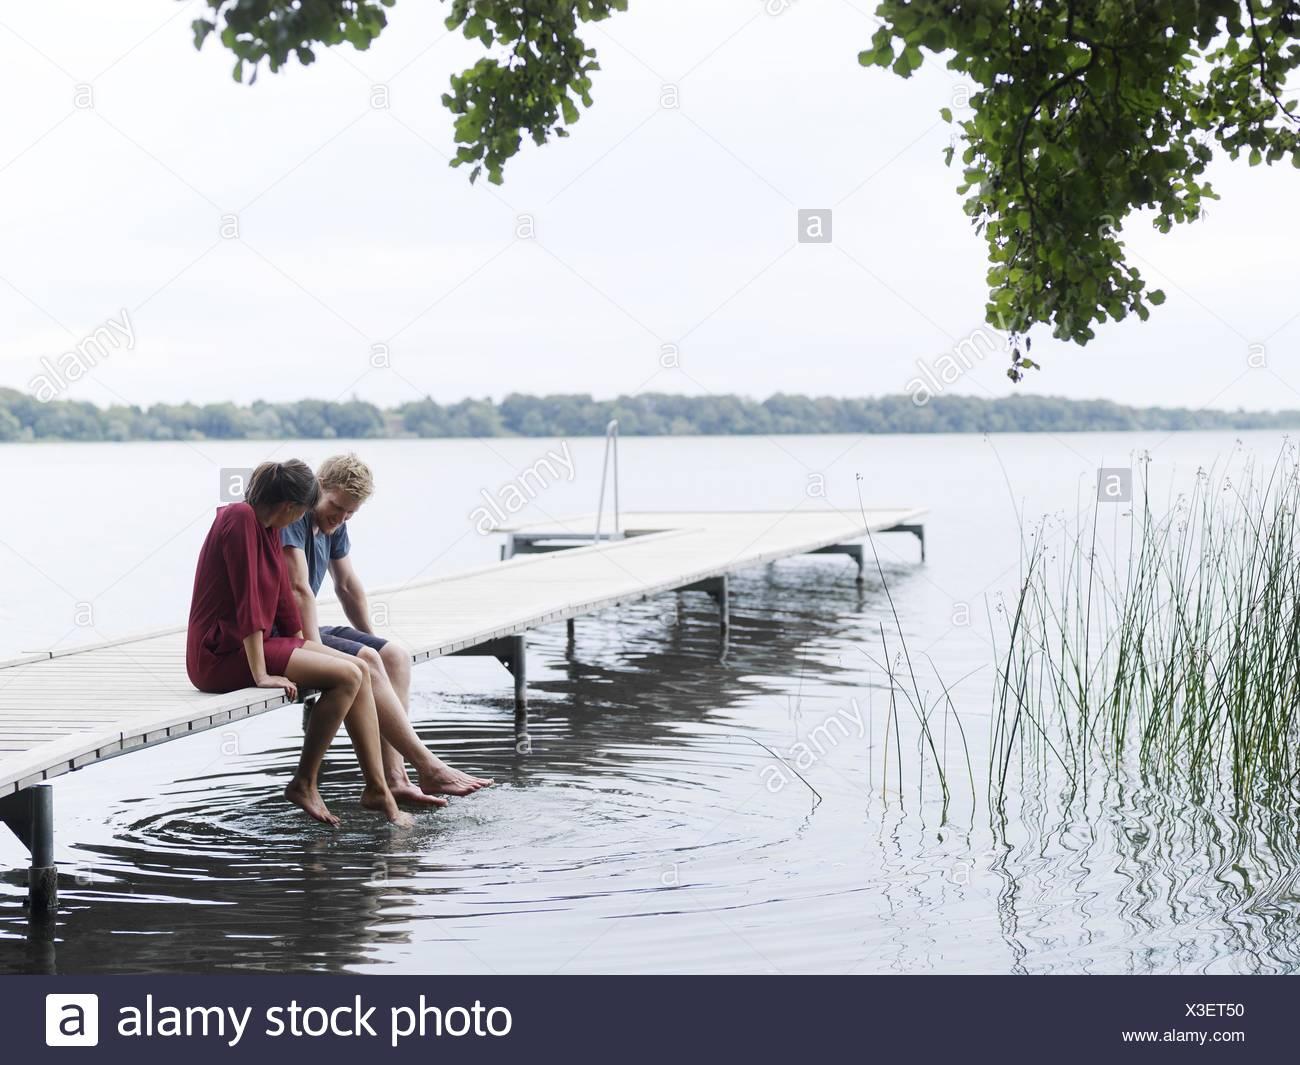 Giovane seduto sul molo a fianco a fianco per immersione dei piedi in acqua, Copenhagen, Danimarca Immagini Stock